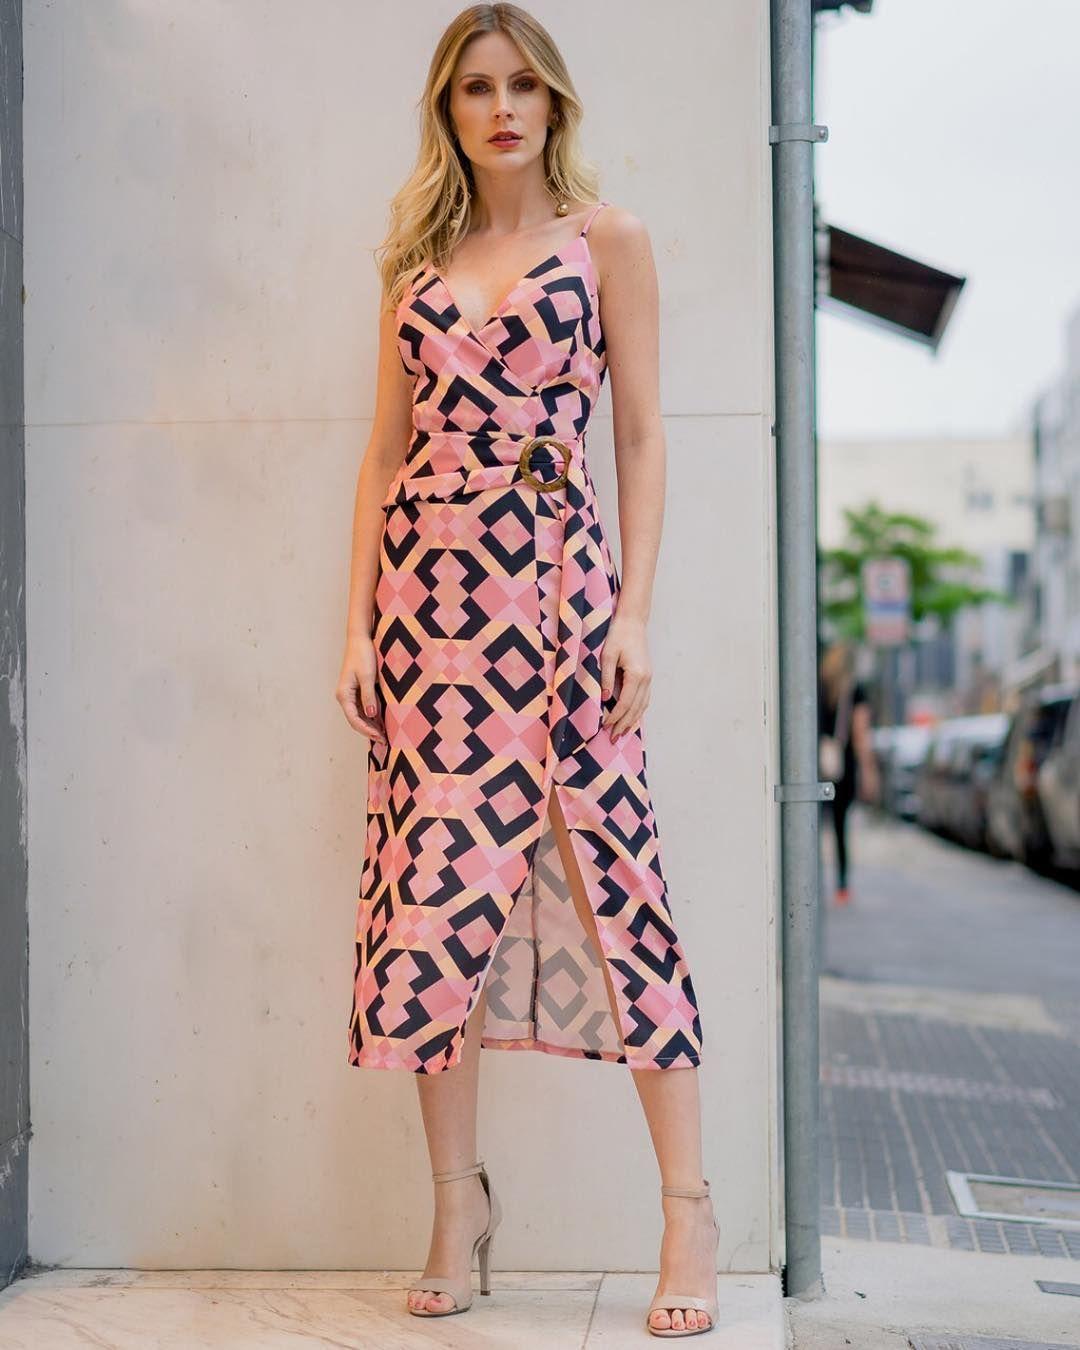 3c7ee312c Vestido estampado com fenda, perfeito para o dia a dia. #modaatacado #look  #lookdodia #bomretiro #bomretiroatacado #modabomretiro #verao…